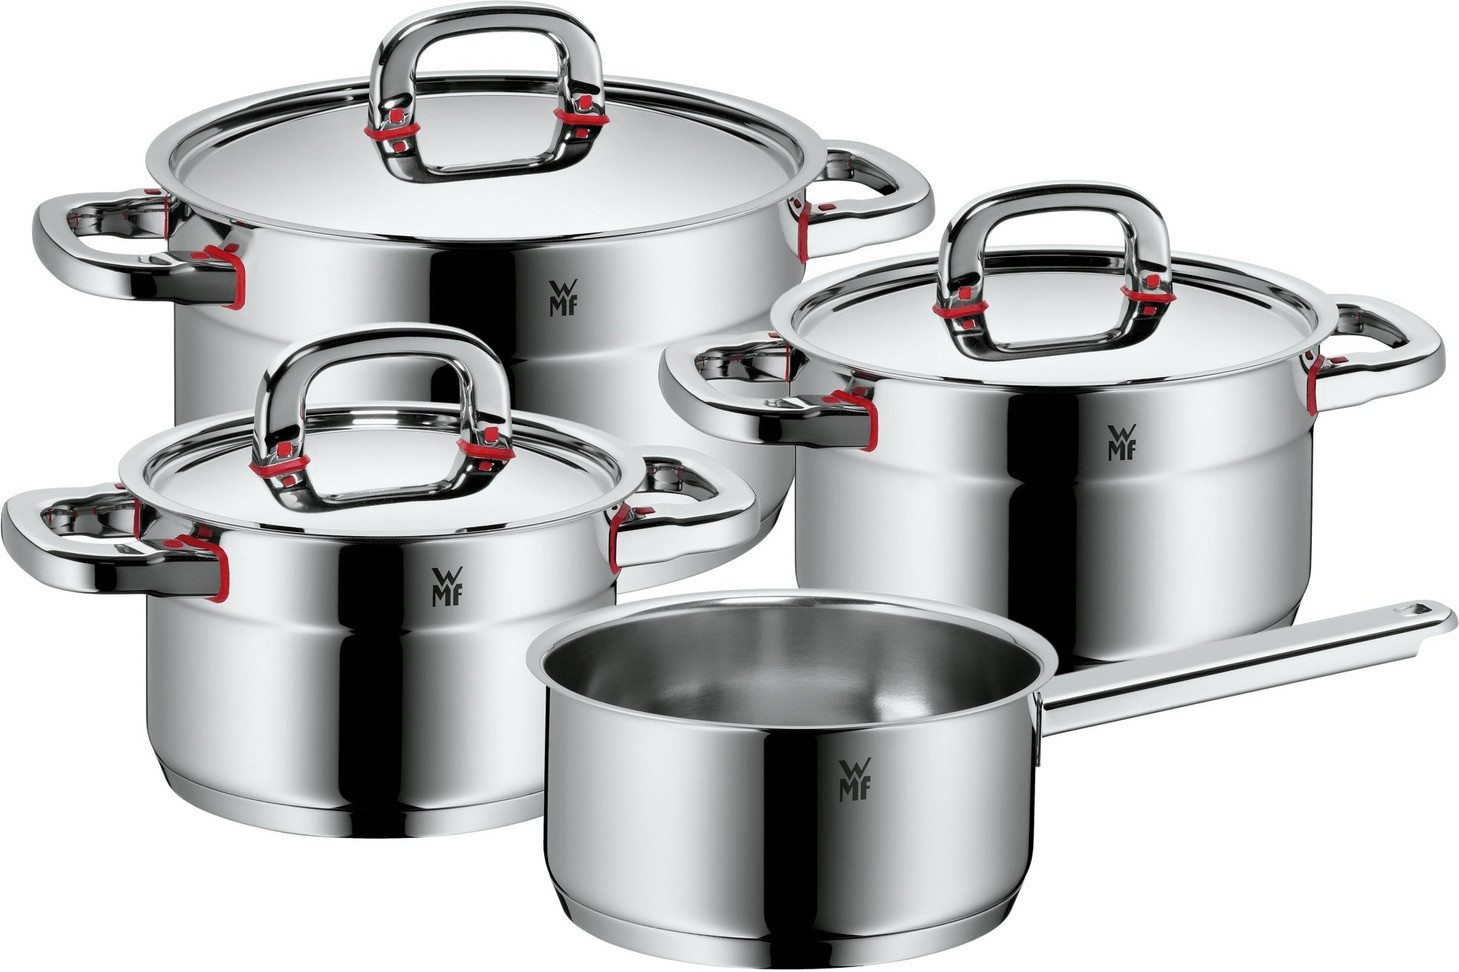 WMF Premium One Topfset mit Stielkasserolle 4-tlg.